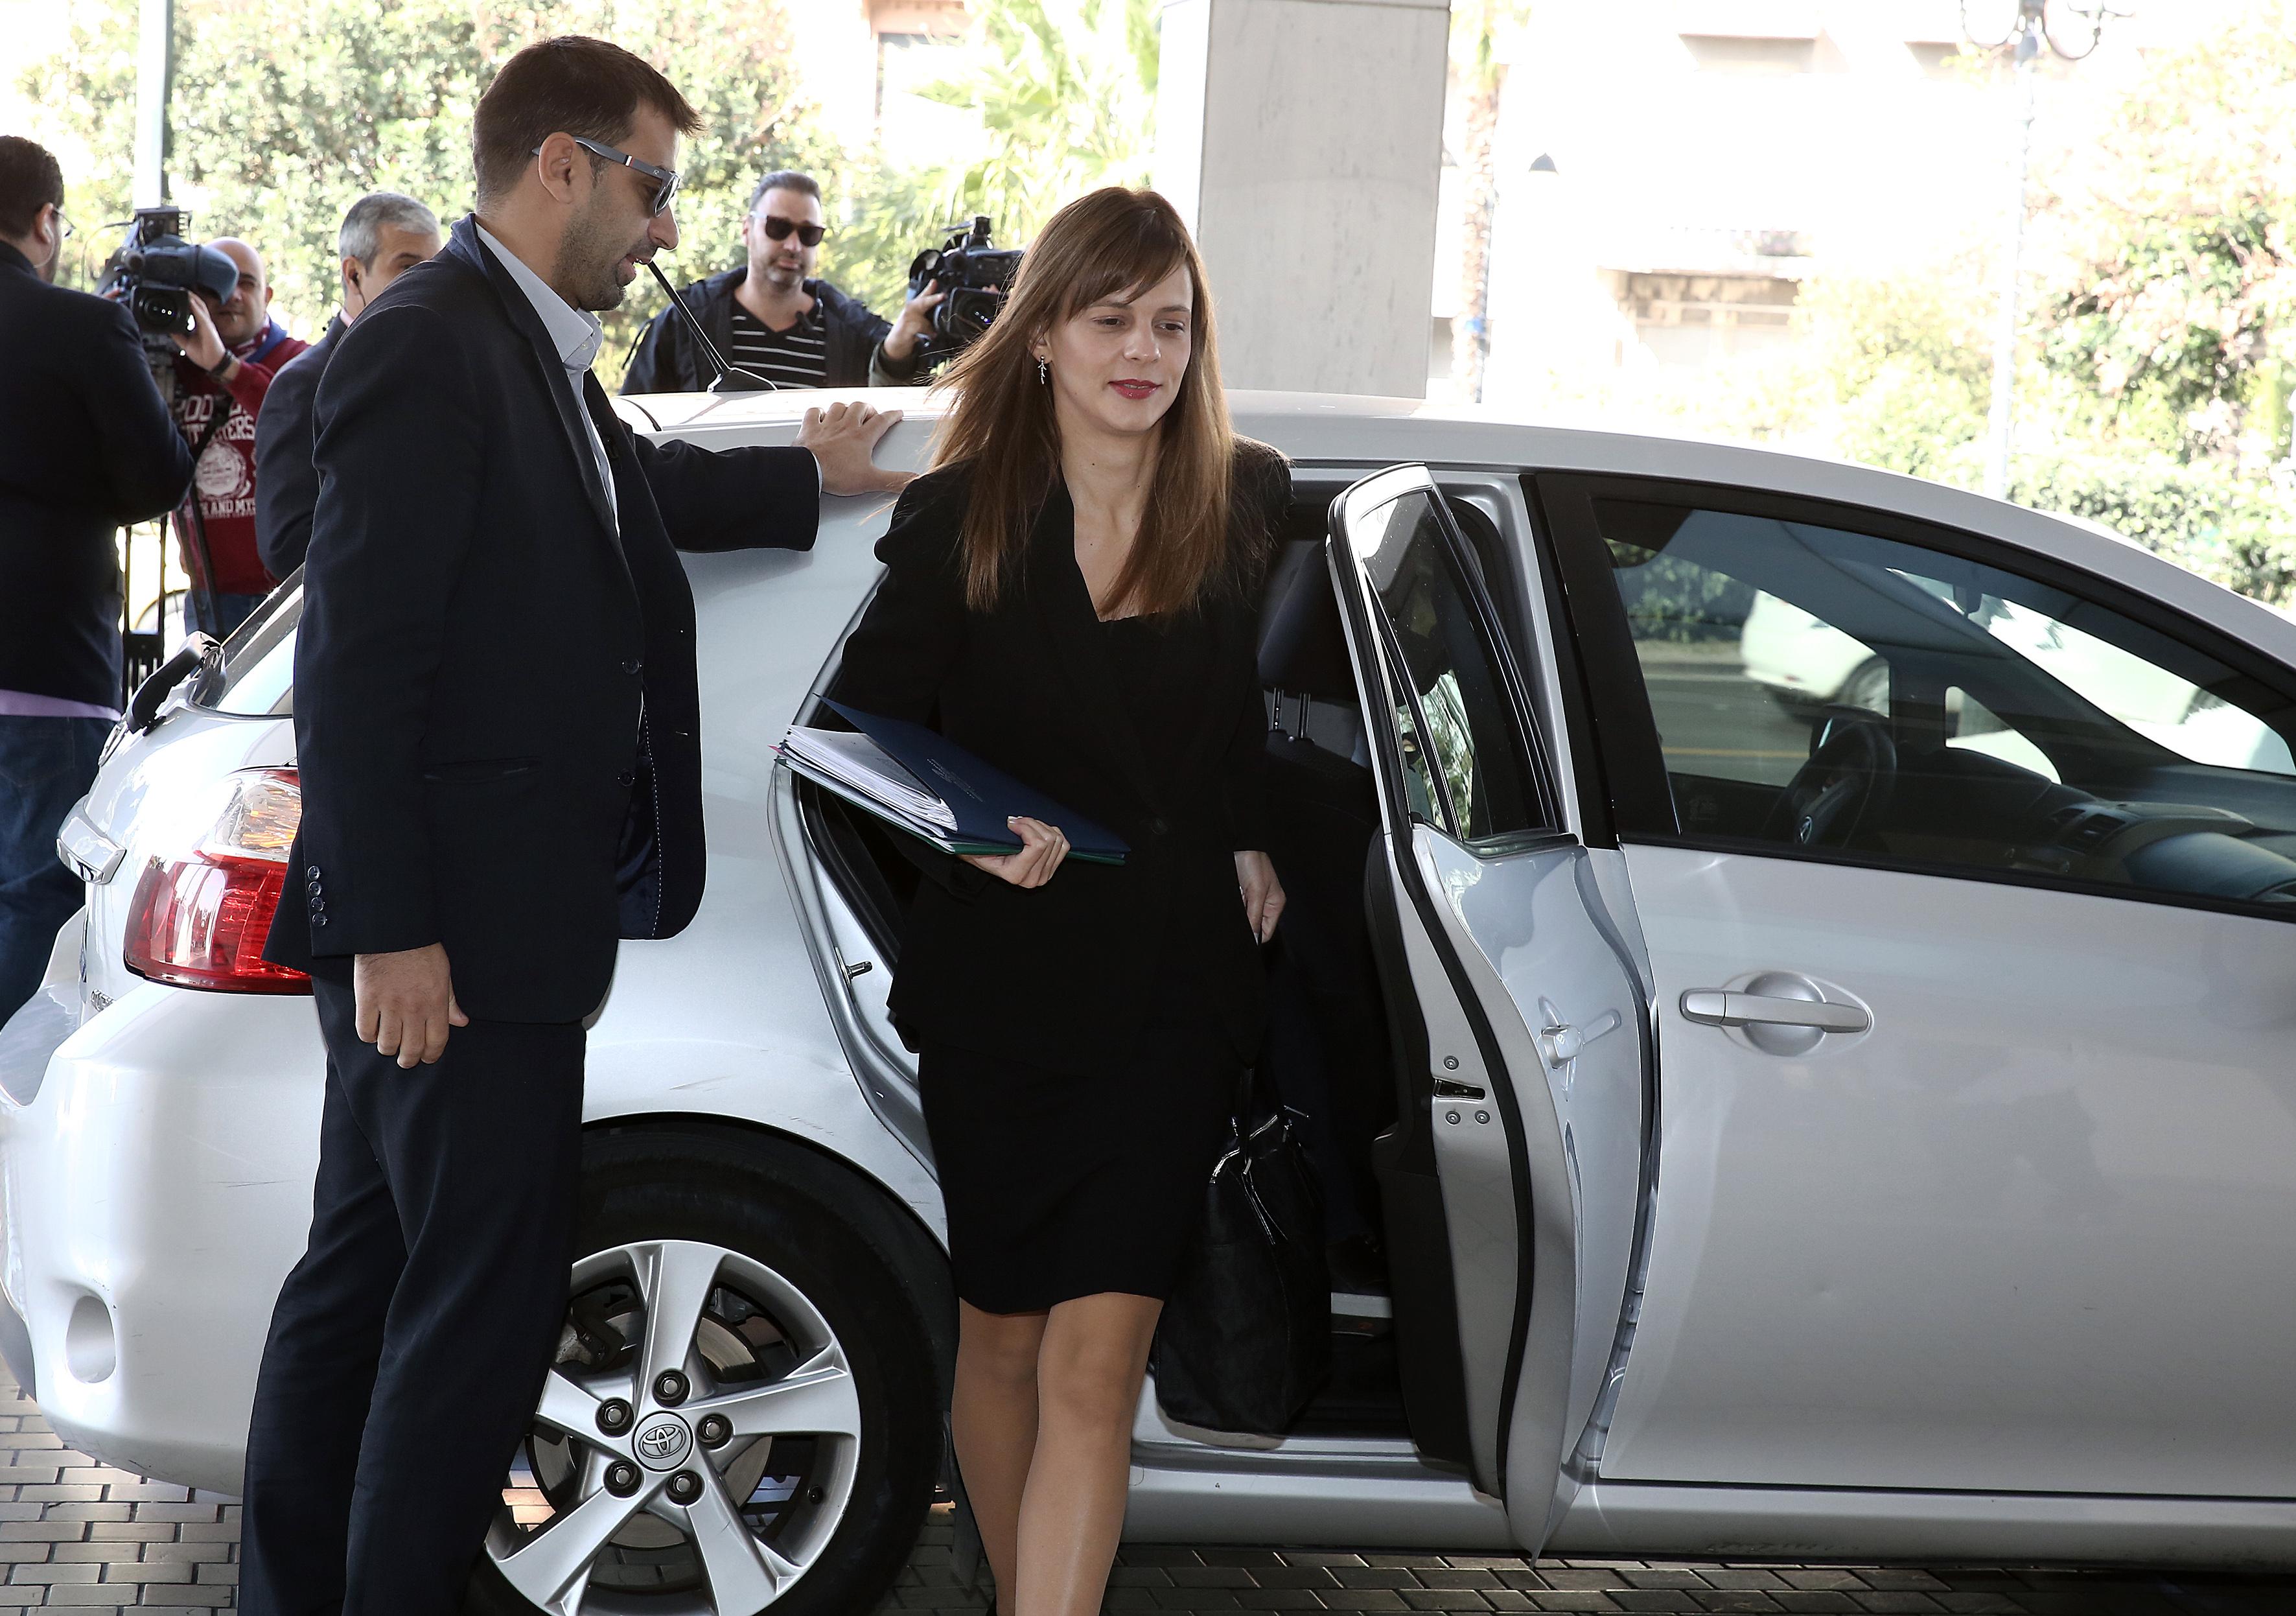 Έκλεισε η συμφωνία με τους θεσμούς για τον εξωδικαστικό συμβιβασμό,για τα μη εξυπηρετούμενα επιχειρηματικά δάνεια – Παραμένουν ανοικτά τα μέτρα για το 2019 και μετά καθώς και τα αντίμετρα | tovima.gr